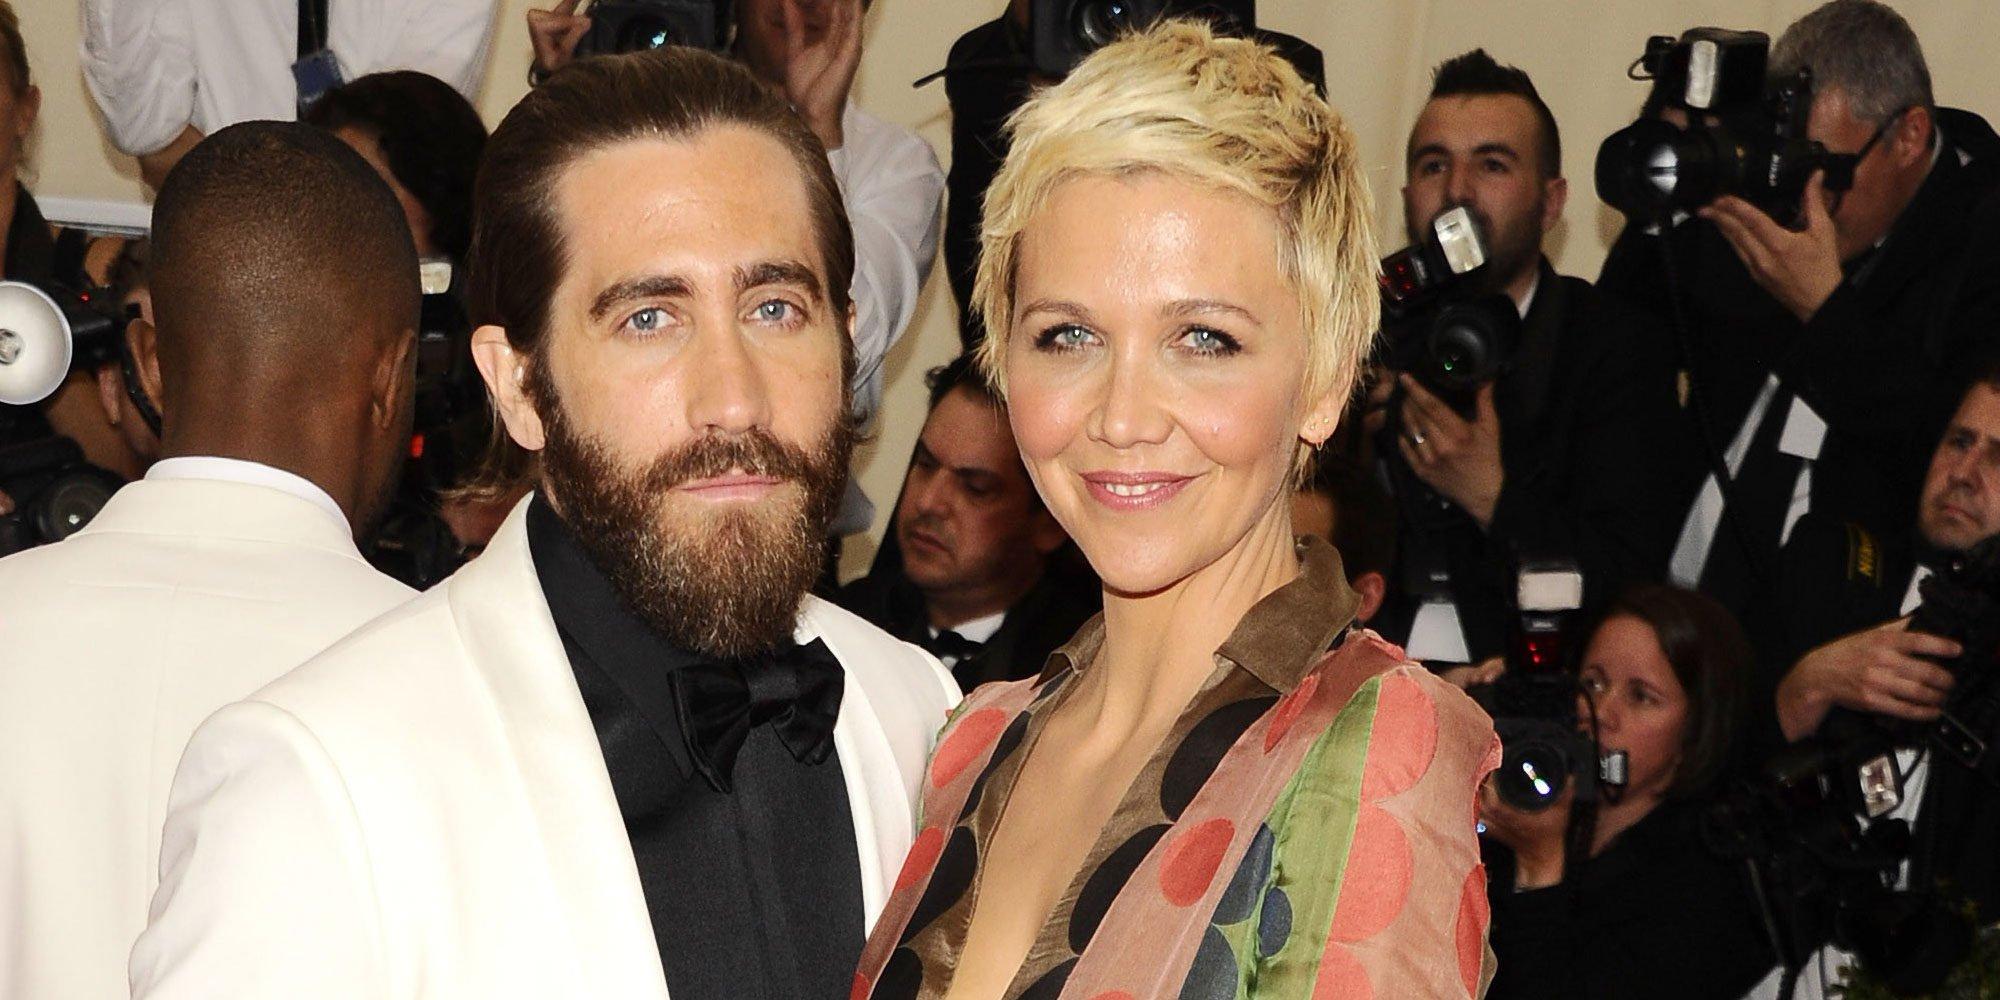 Jake y Maggie Gyllenhaal: amigos y confidentes por encima de su relación familiar